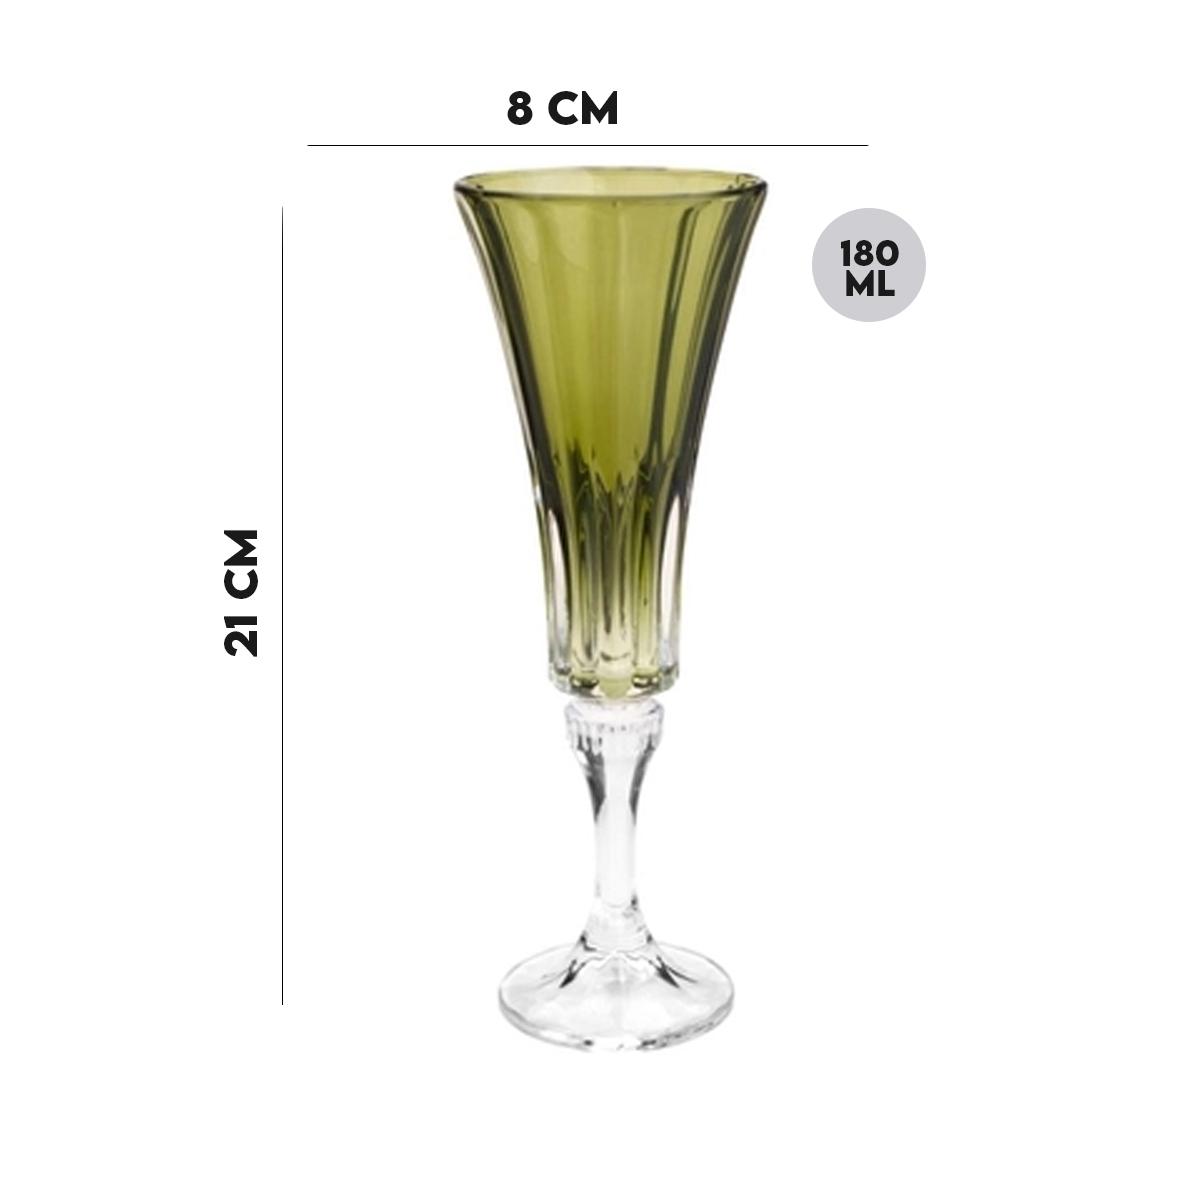 Jogo 4 Taças Cristal Ecológico para Champagne 180 ml  - Lemis